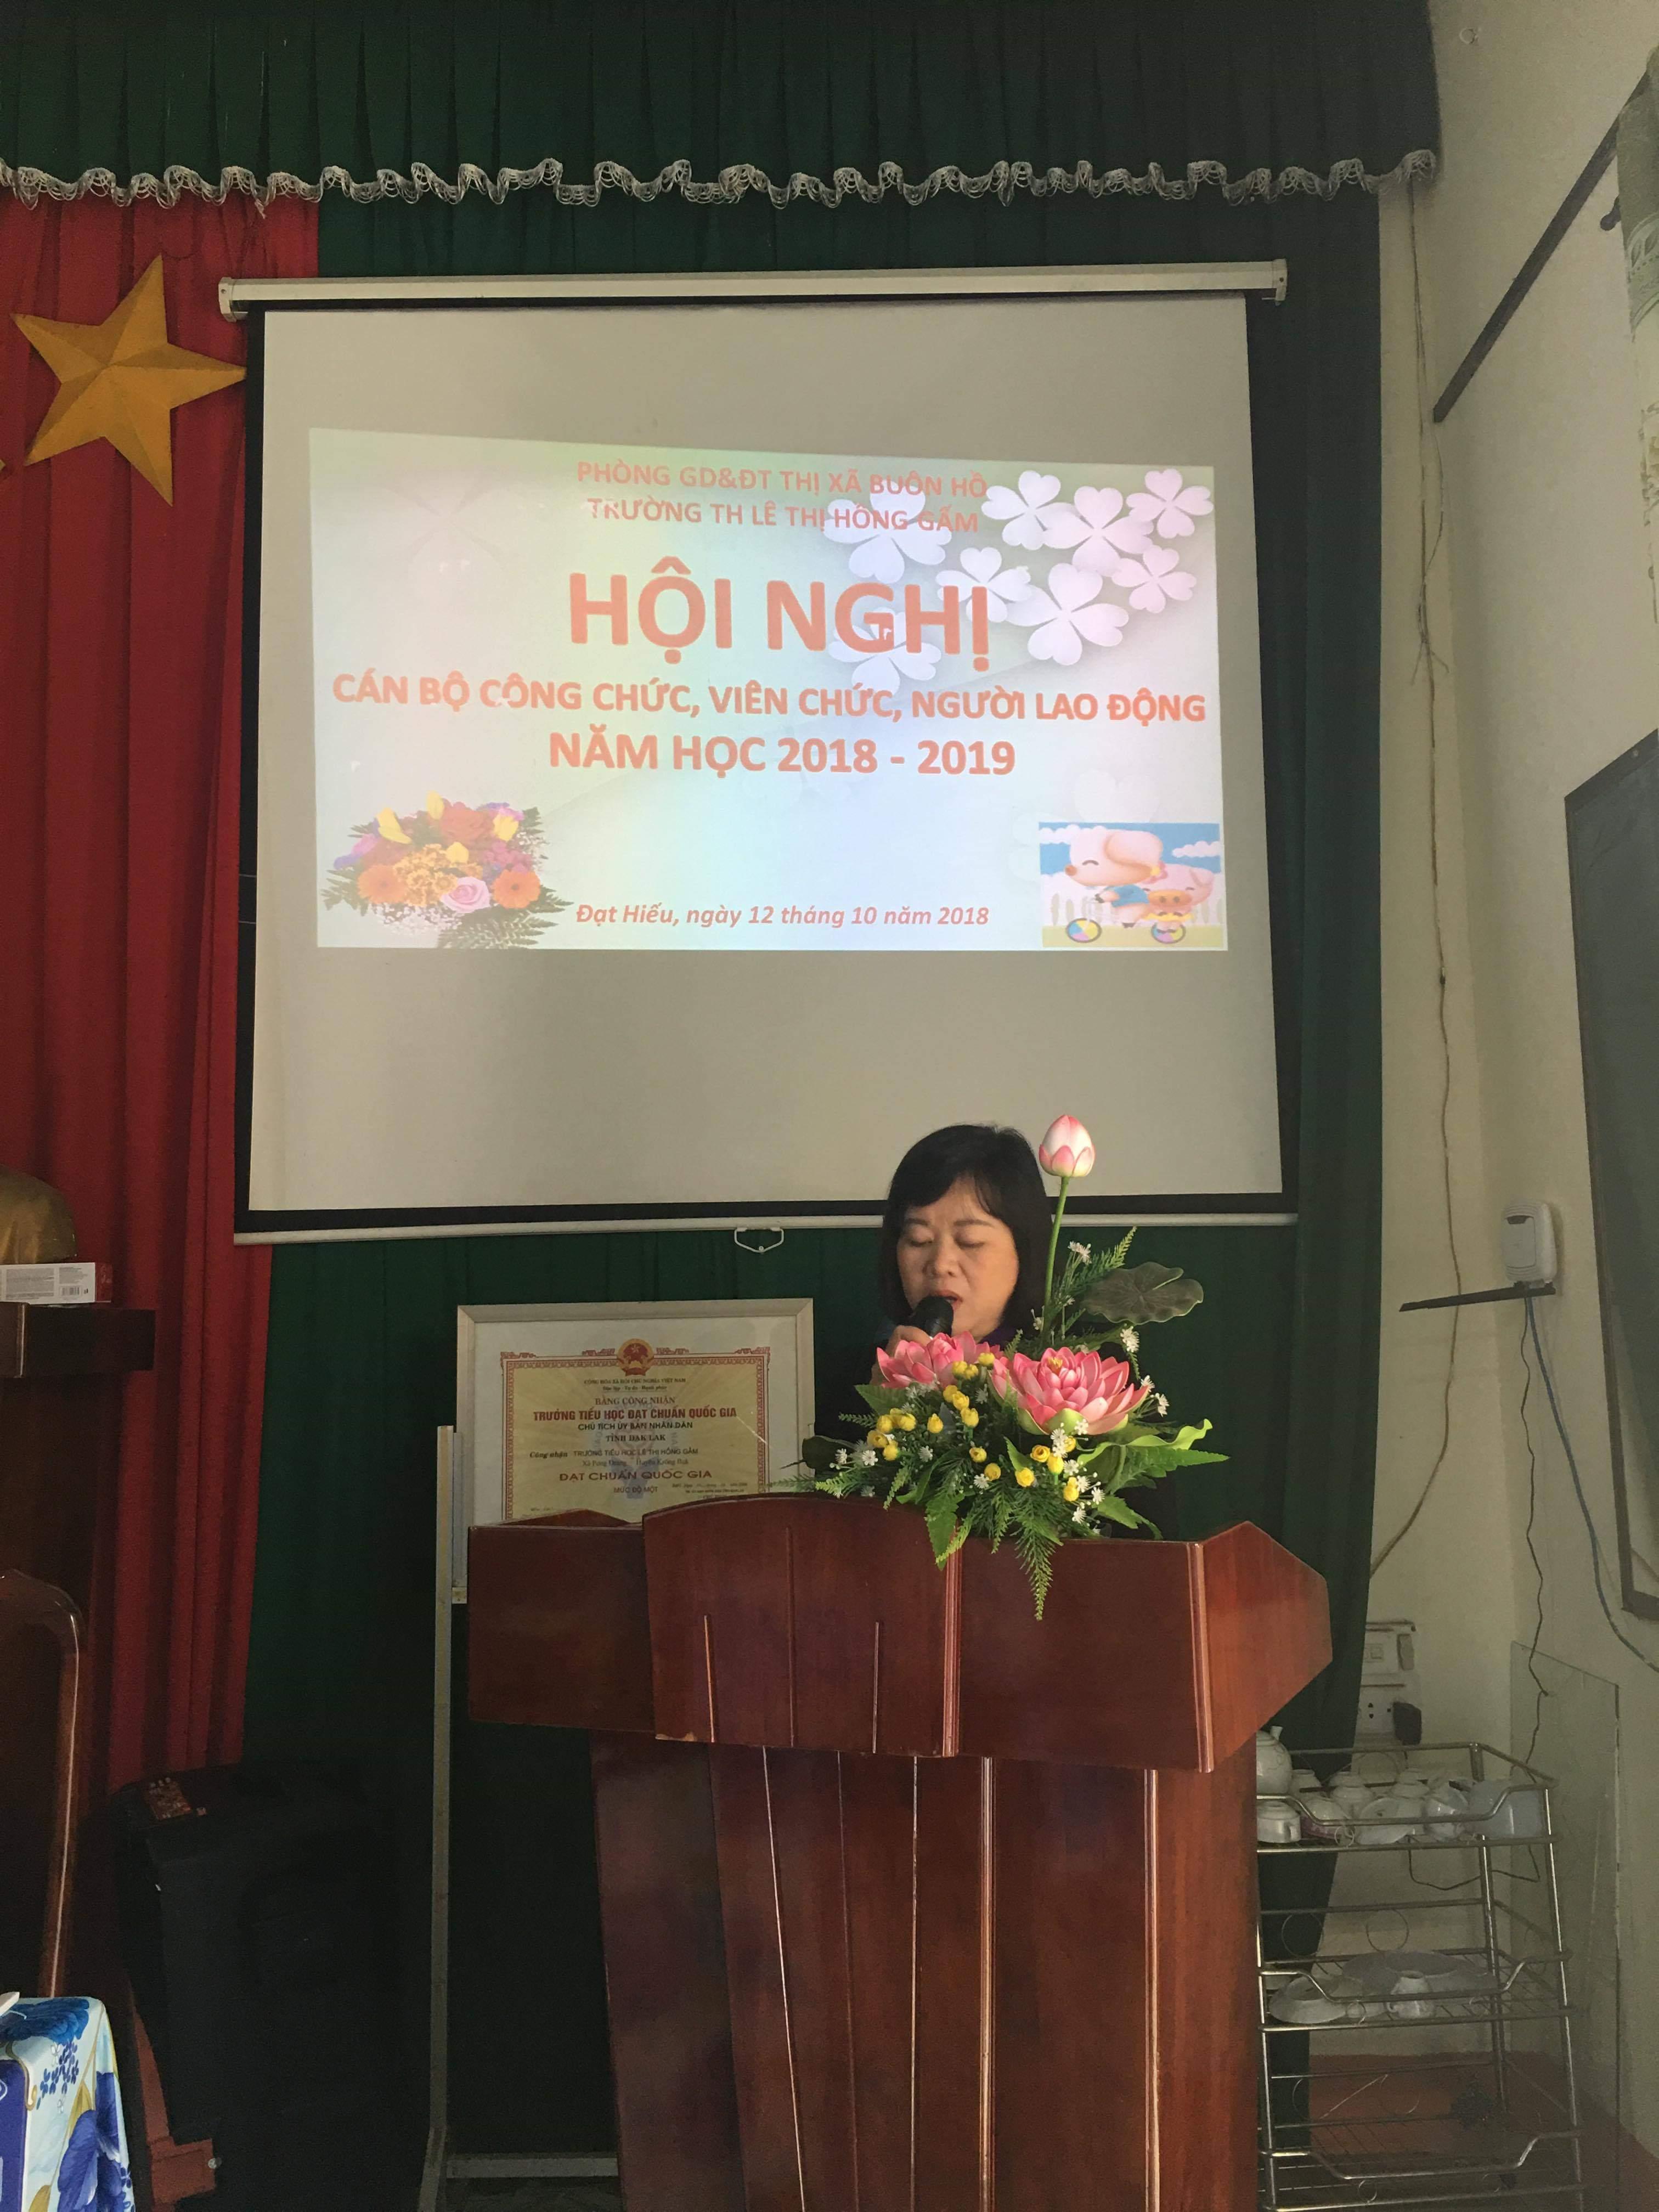 HỘI NGHỊ CÁN BỘ CÔNG CHỨC, VIÊN CHỨC, NGƯỜI LAO ĐỘNG NH 2018 -2019